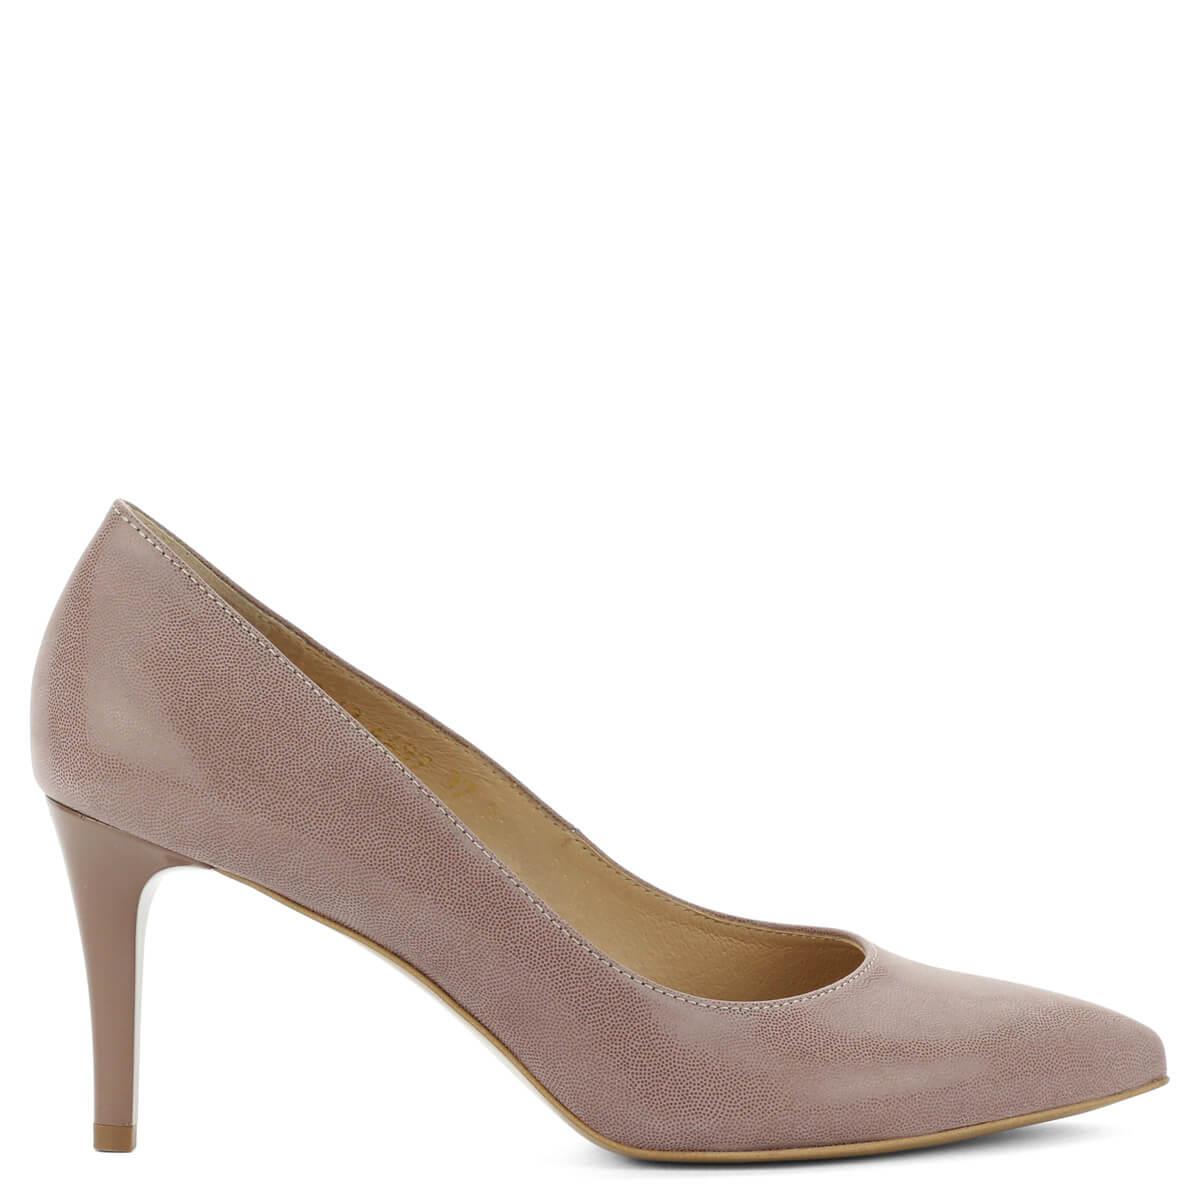 5750922f3a74 ChiX Női cipő webáruház - Női cipők, online rendelés - Tamaris webshop